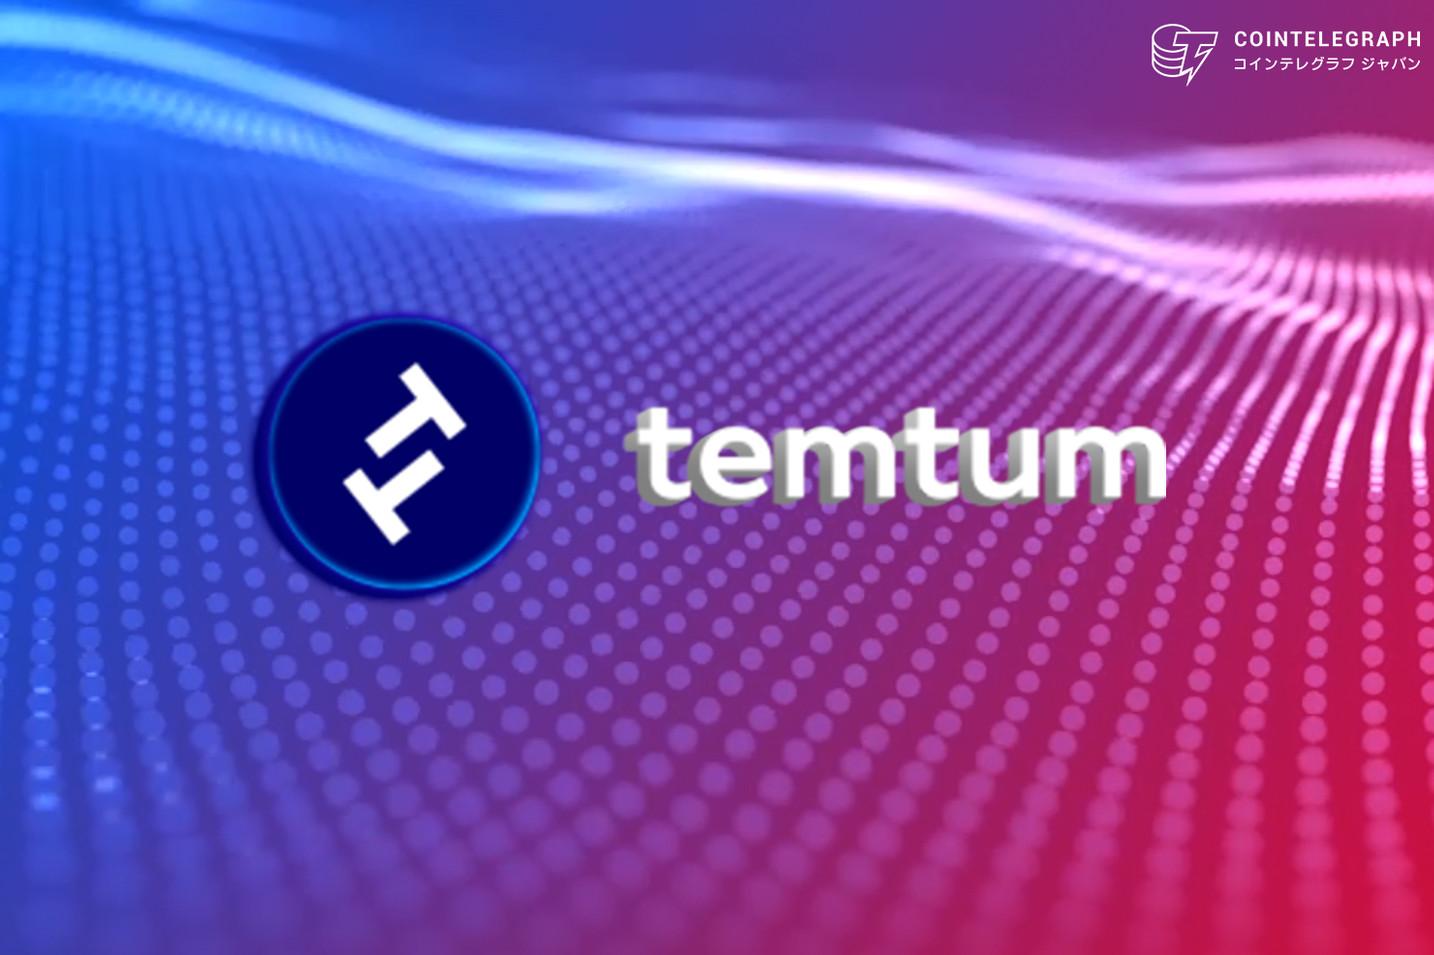 Temtumがコインオール・スーパー・プロジェクトとの提携でローンチ 仮想通貨TEMが7月17日より取引開始